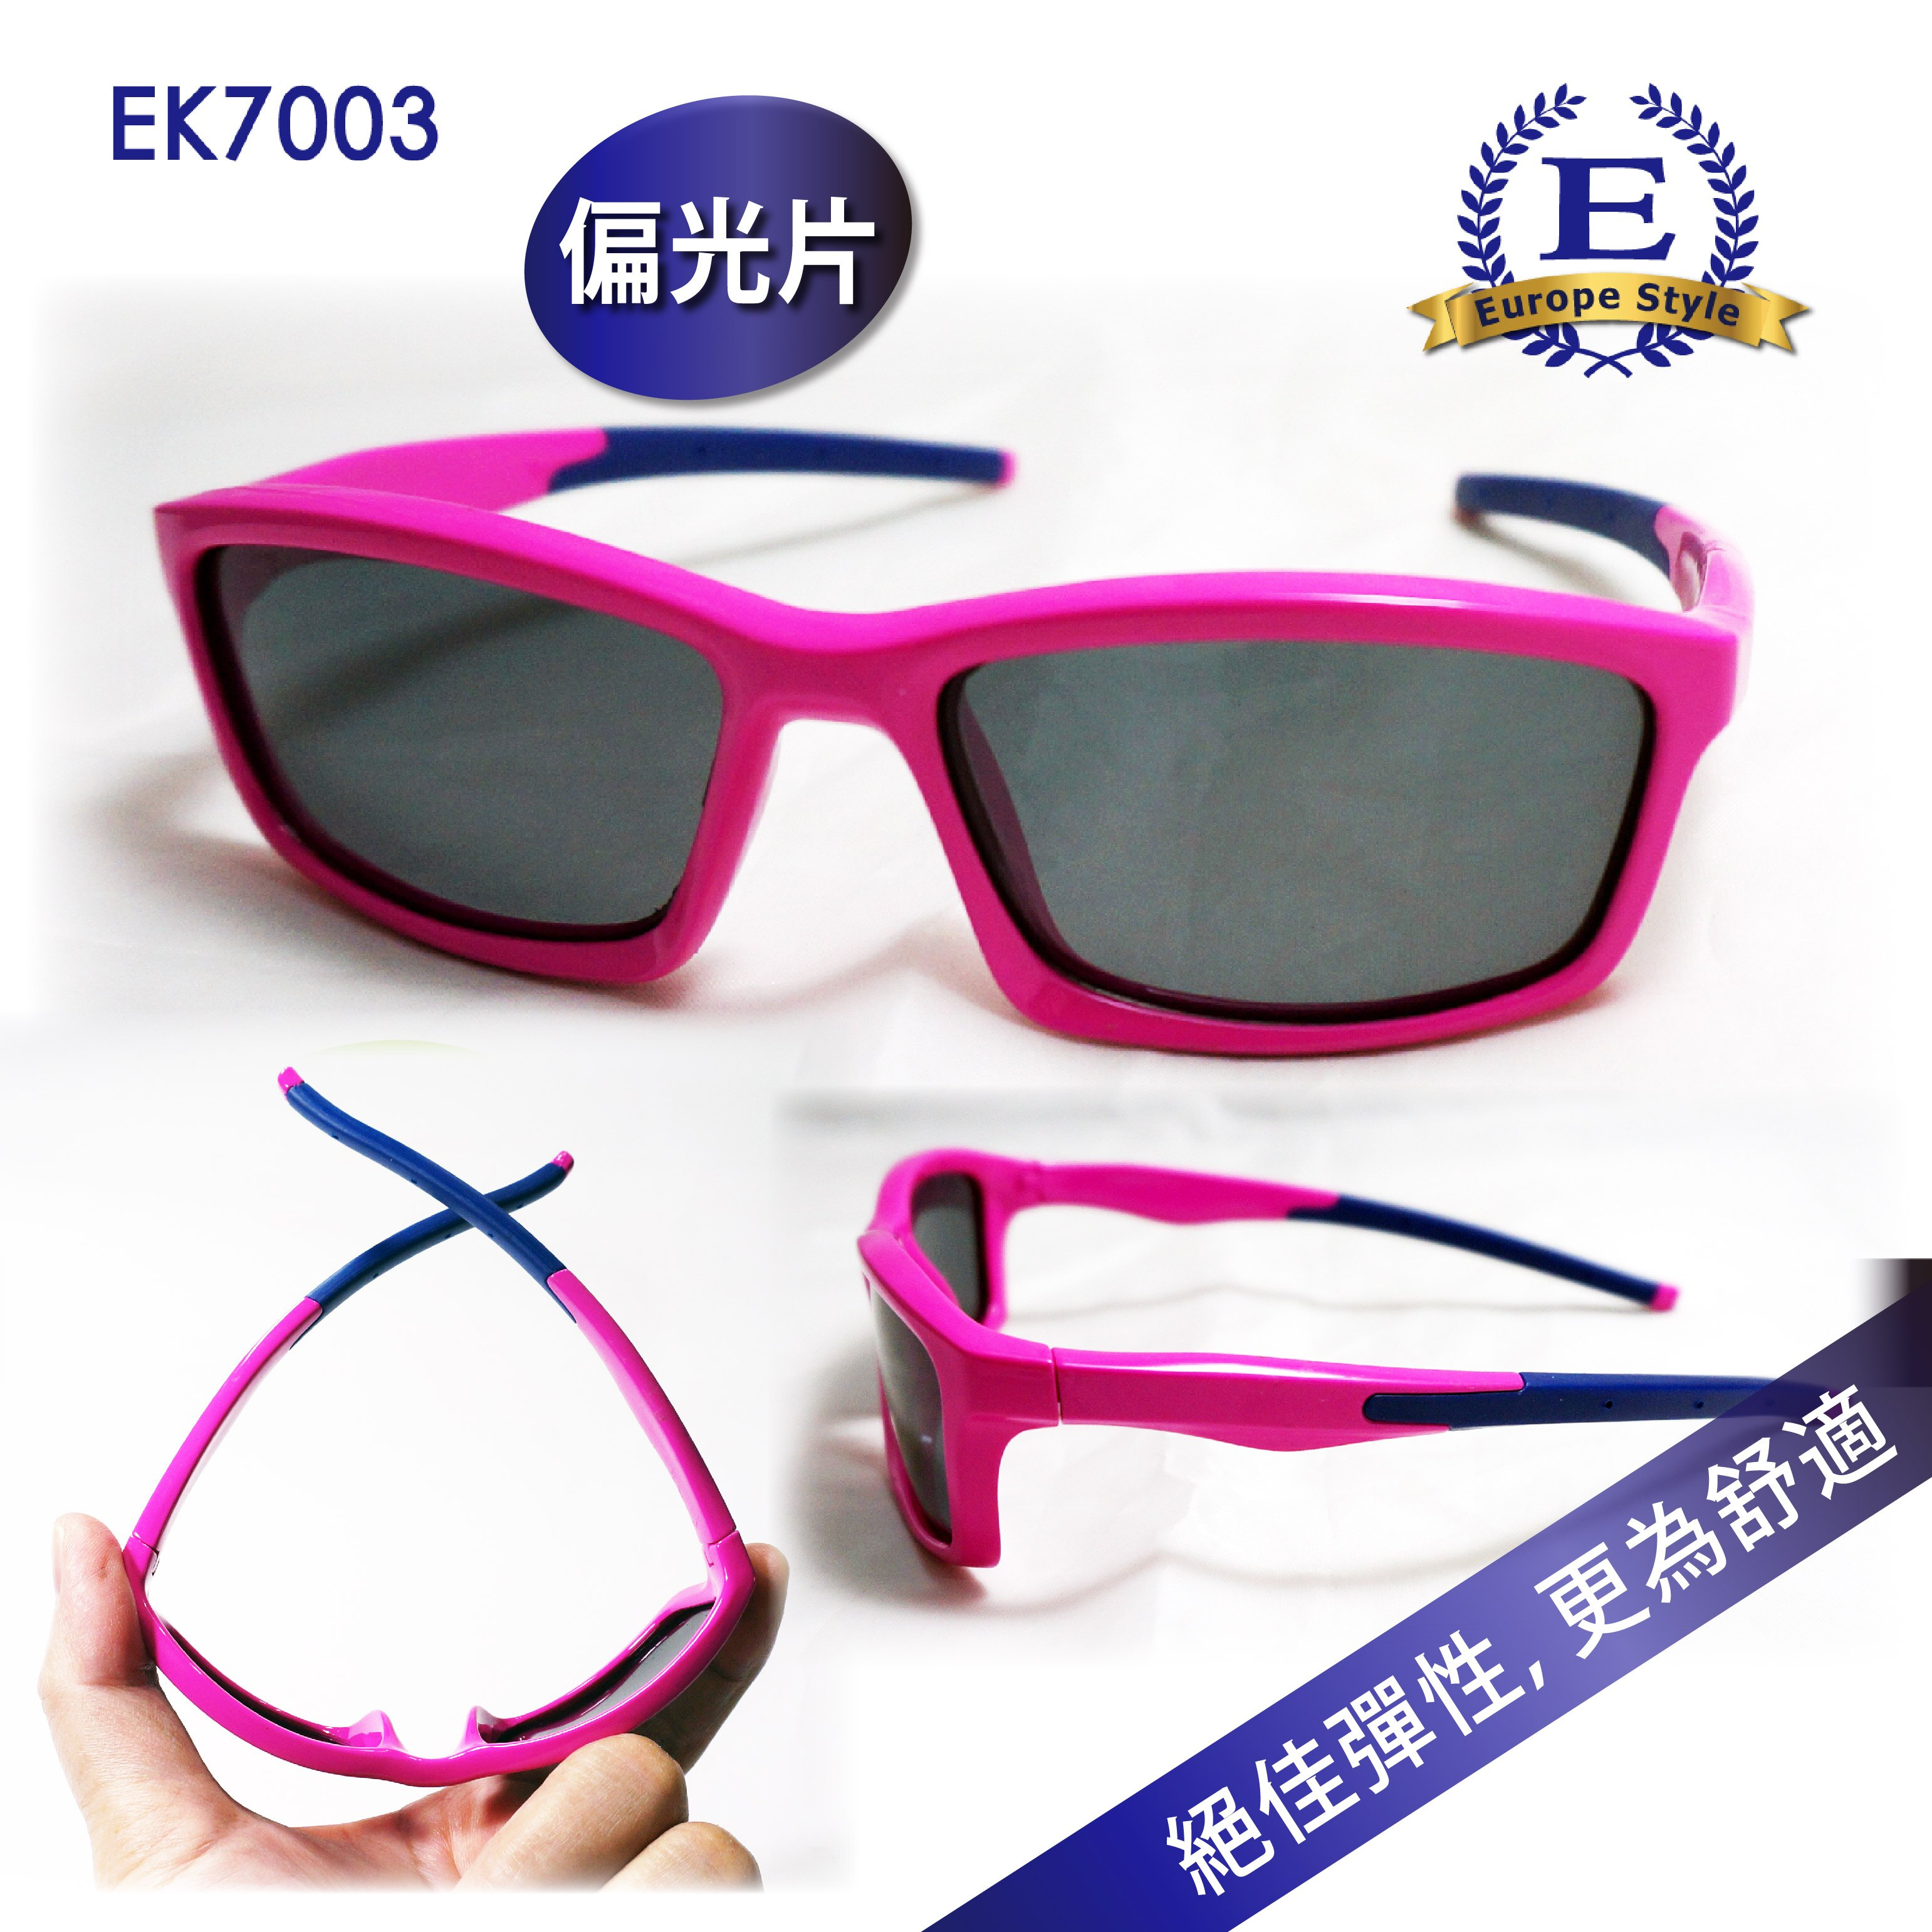 【歐風天地】兒童偏光太陽眼鏡 EK7003 偏光太陽眼鏡 防風眼鏡 單車眼鏡 運動太陽眼鏡 運動眼鏡 自行車眼鏡  野外戶外用品